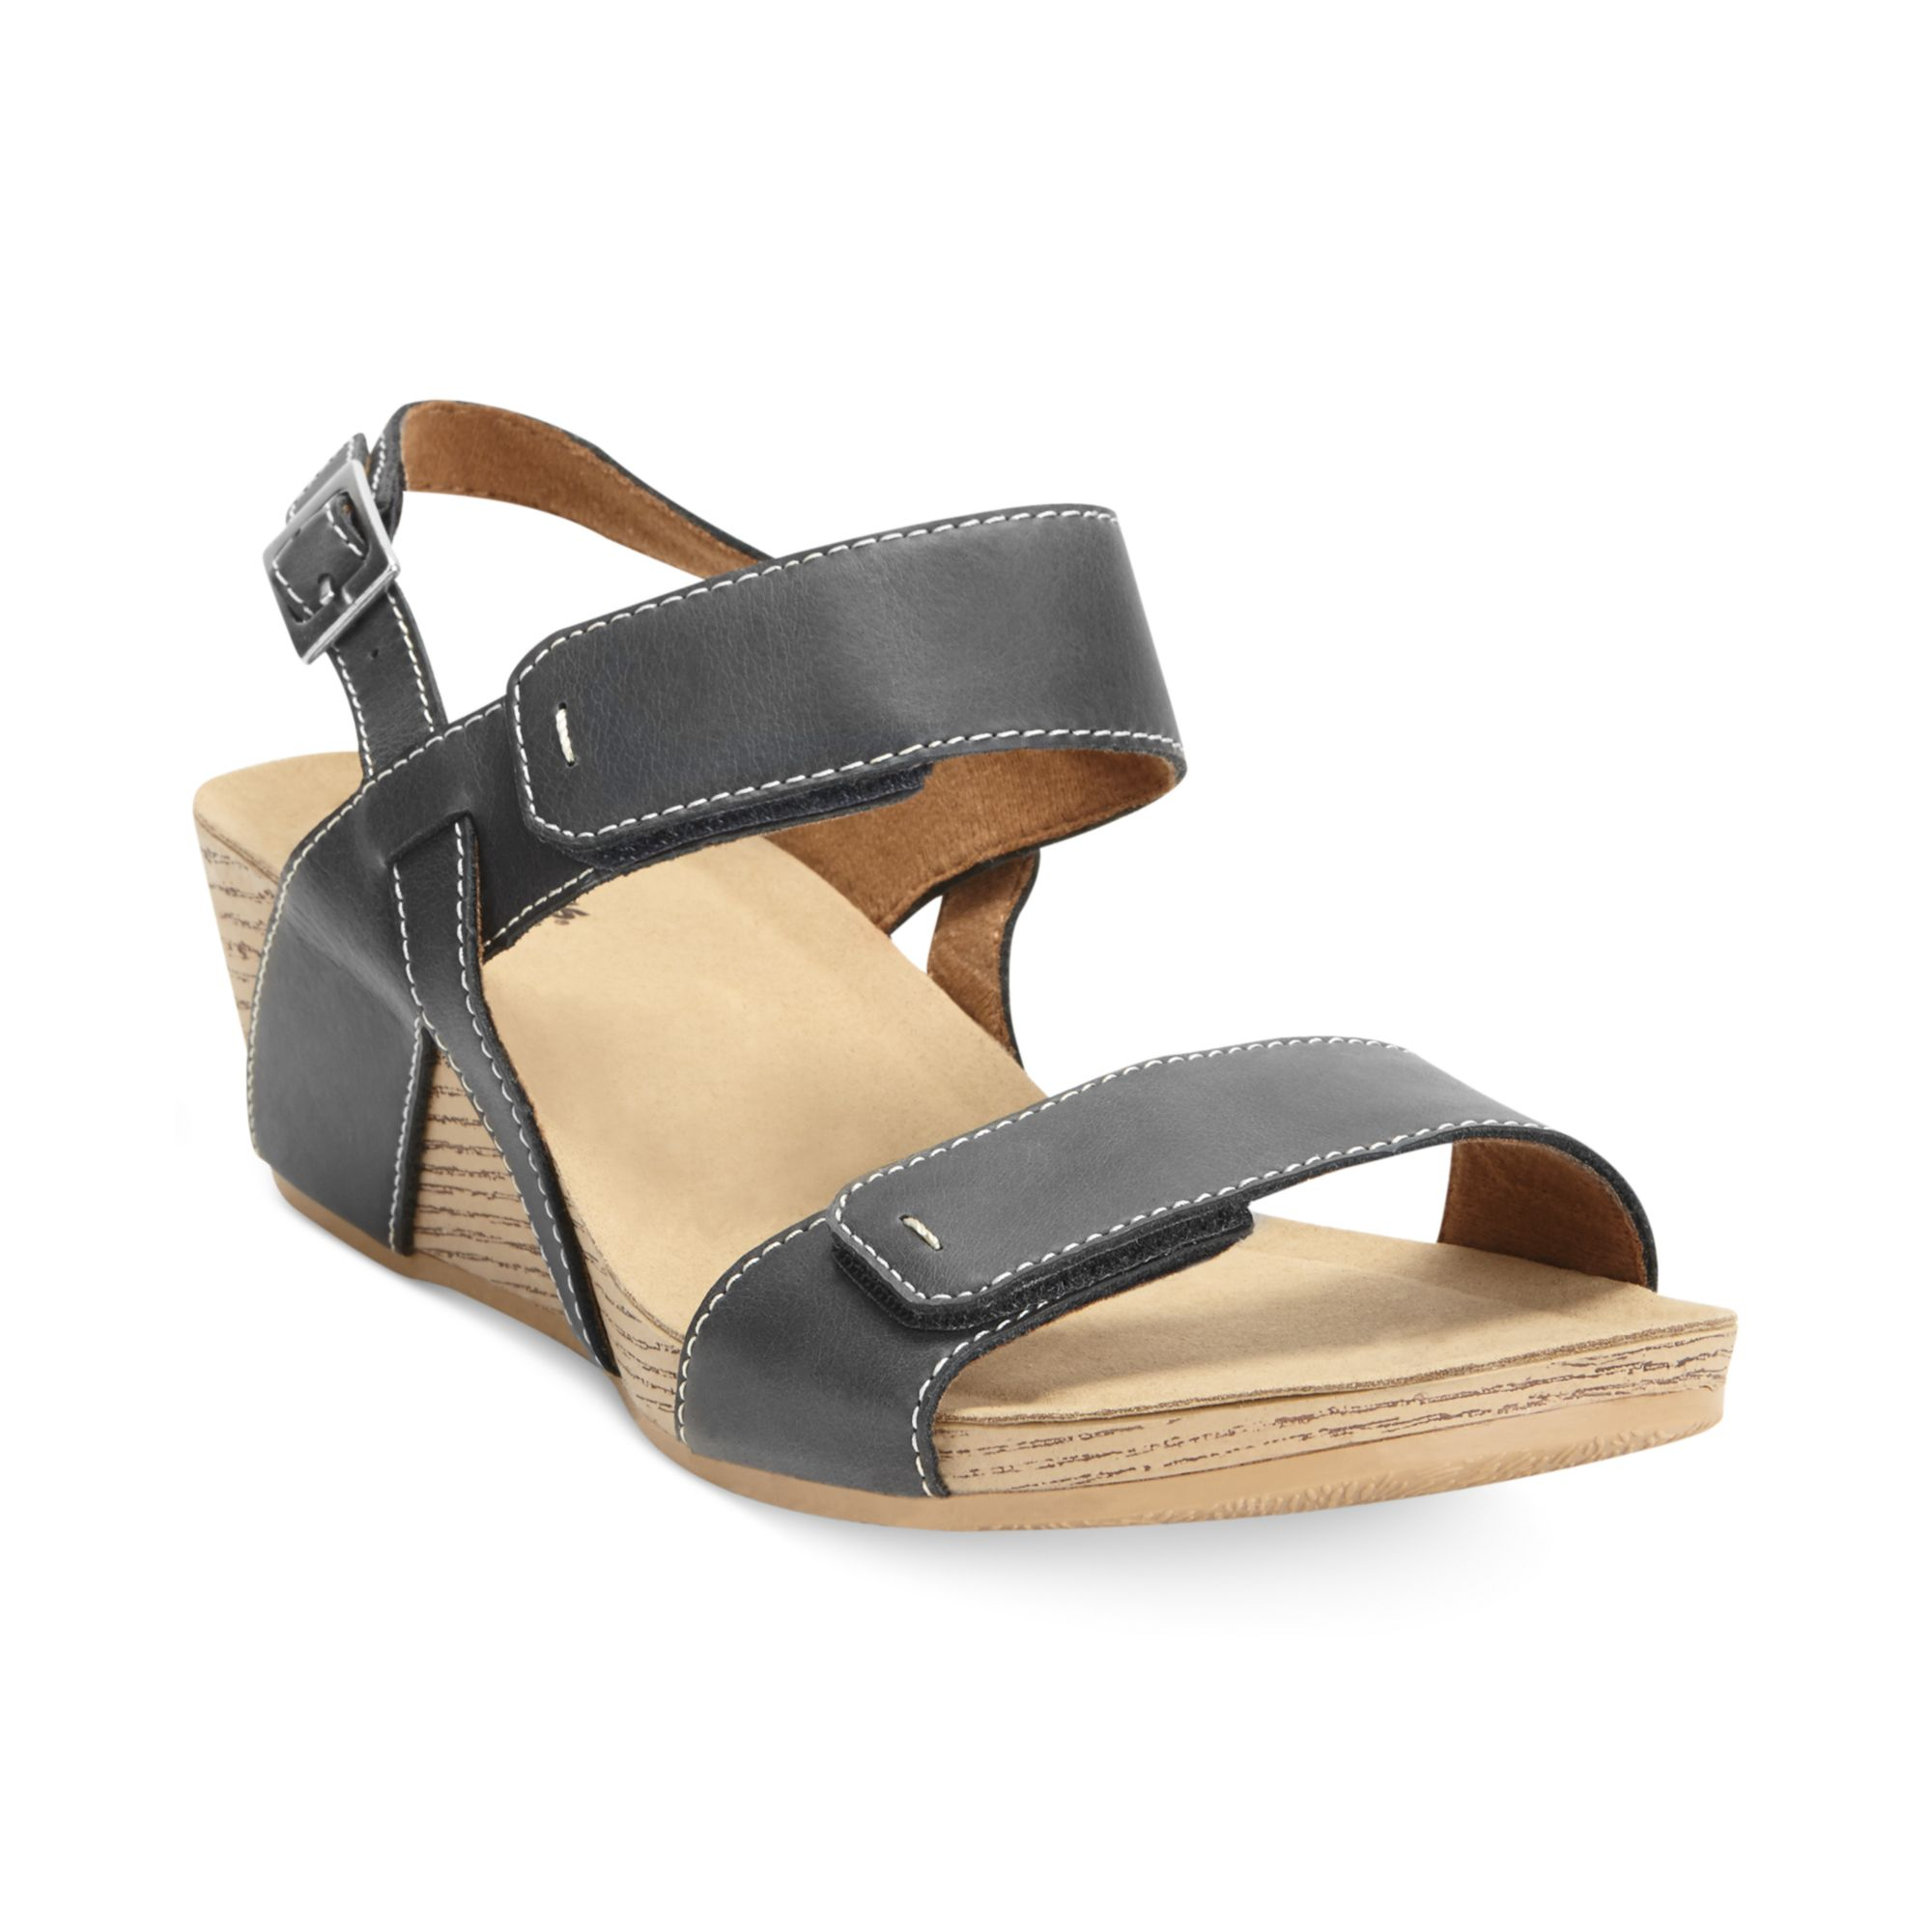 Clarks Shoes Uk International Shipping